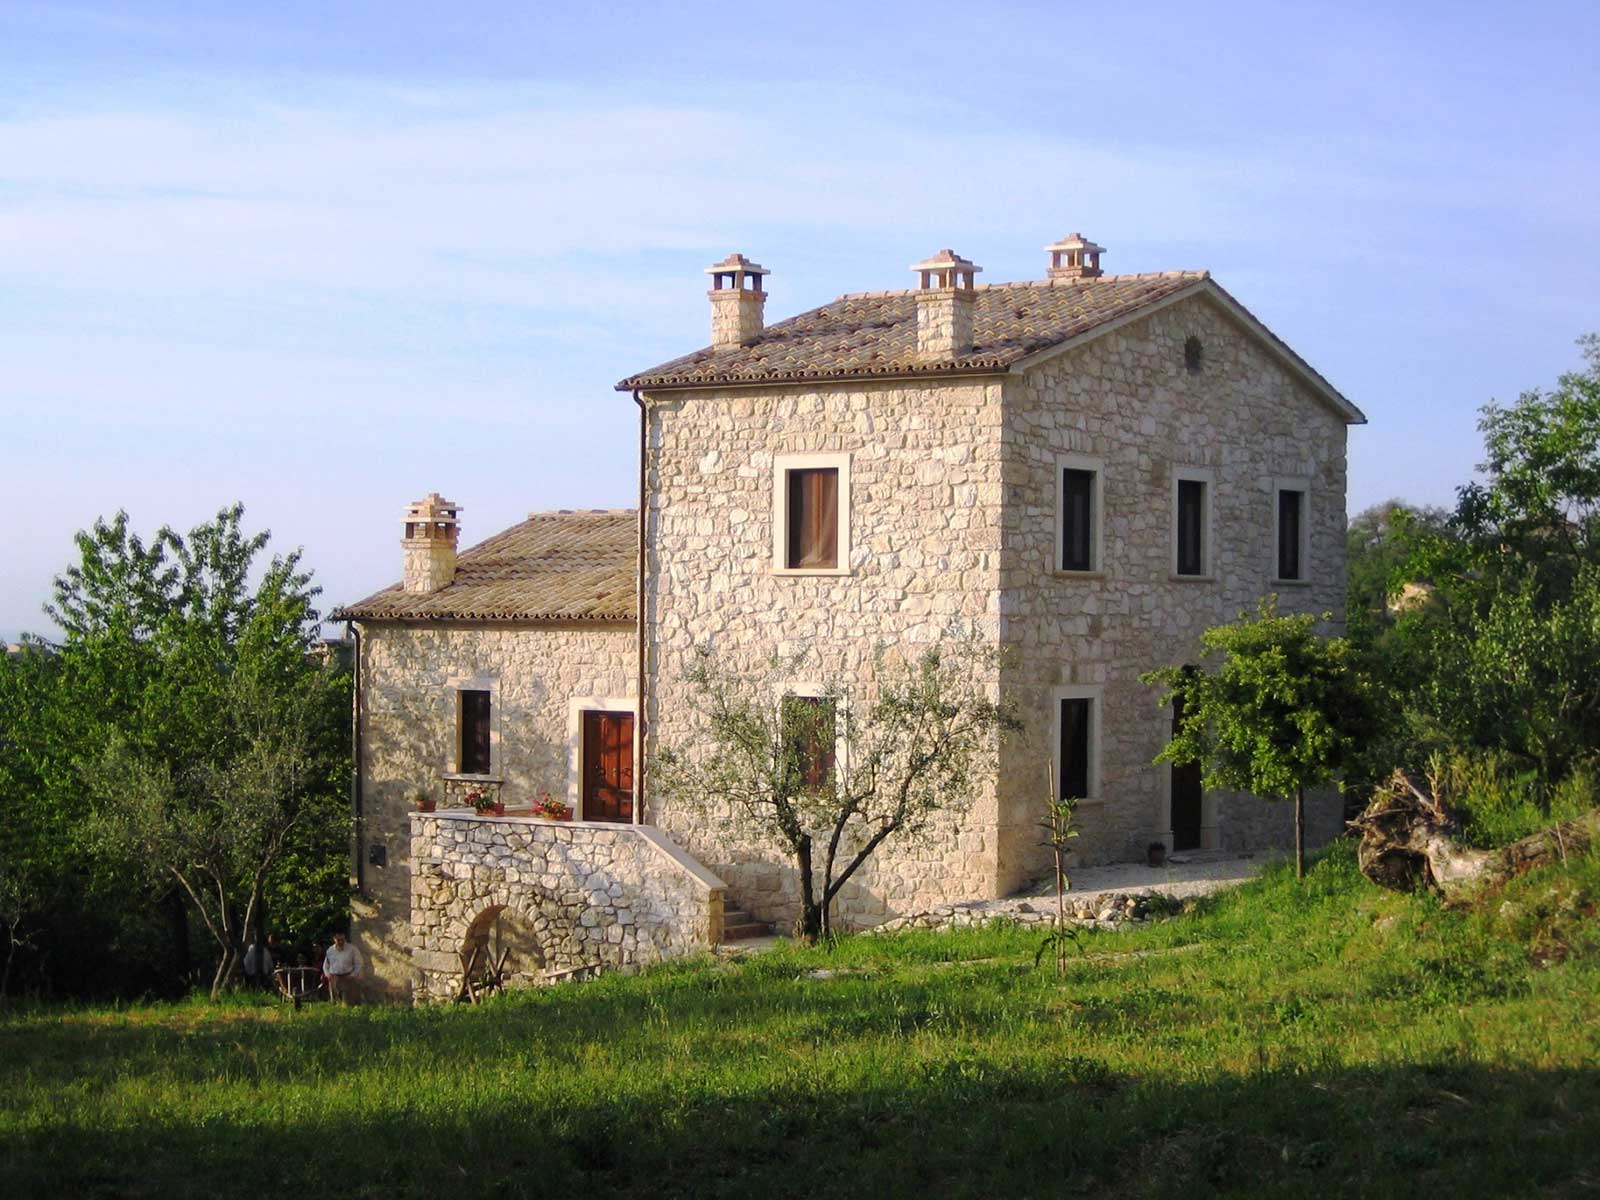 Casa di campagna Casa di campagna in vendita Abbateggio (PE), Casa Selva - Abbateggio - EUR 510.204 10